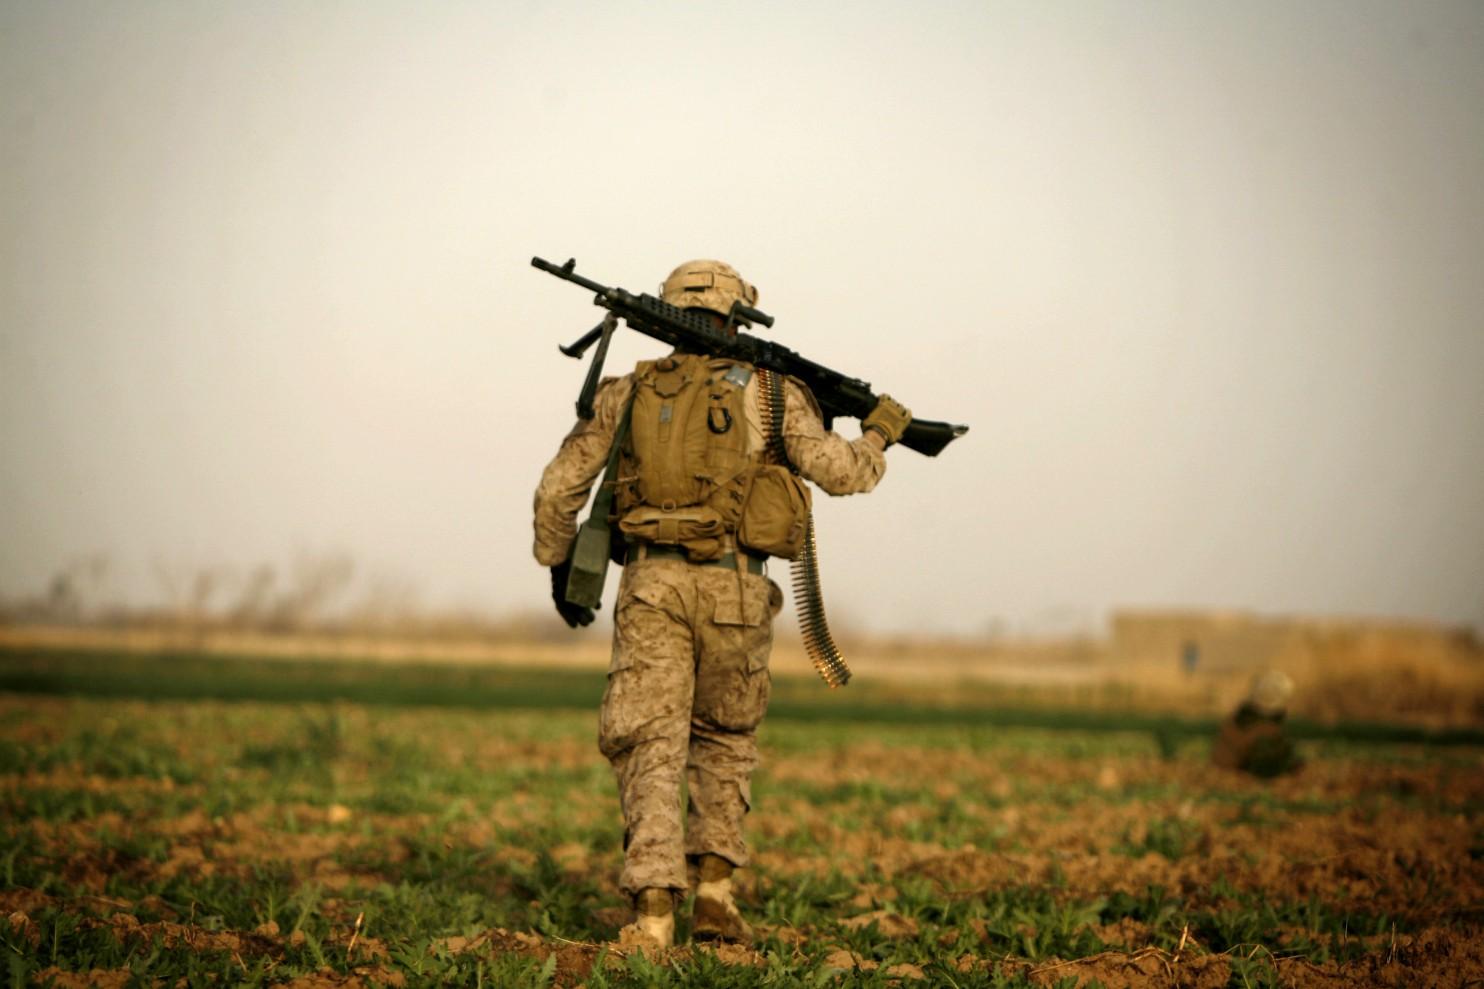 Marines nude photo sharing scandal: Marines United